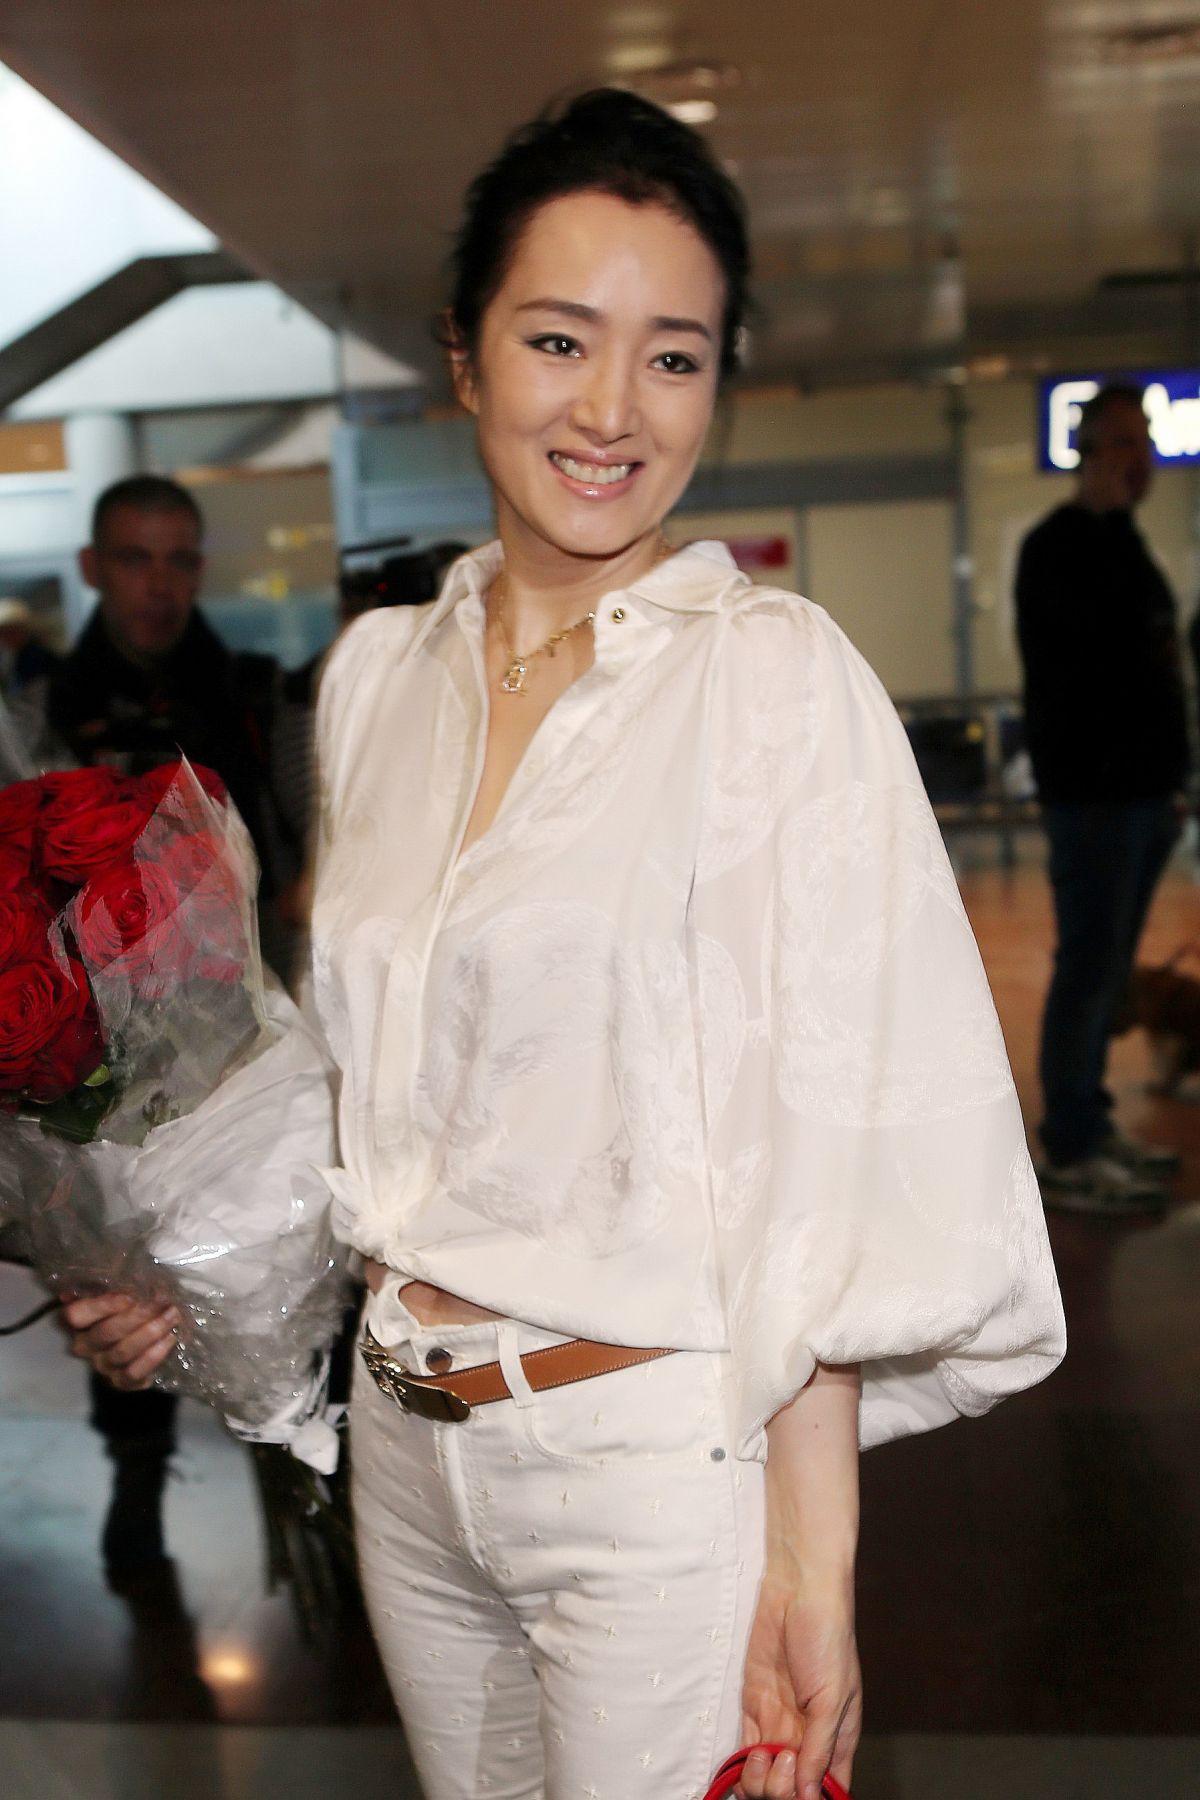 GONG LI at Nice Airpor... Vanessa Paradis Facebook